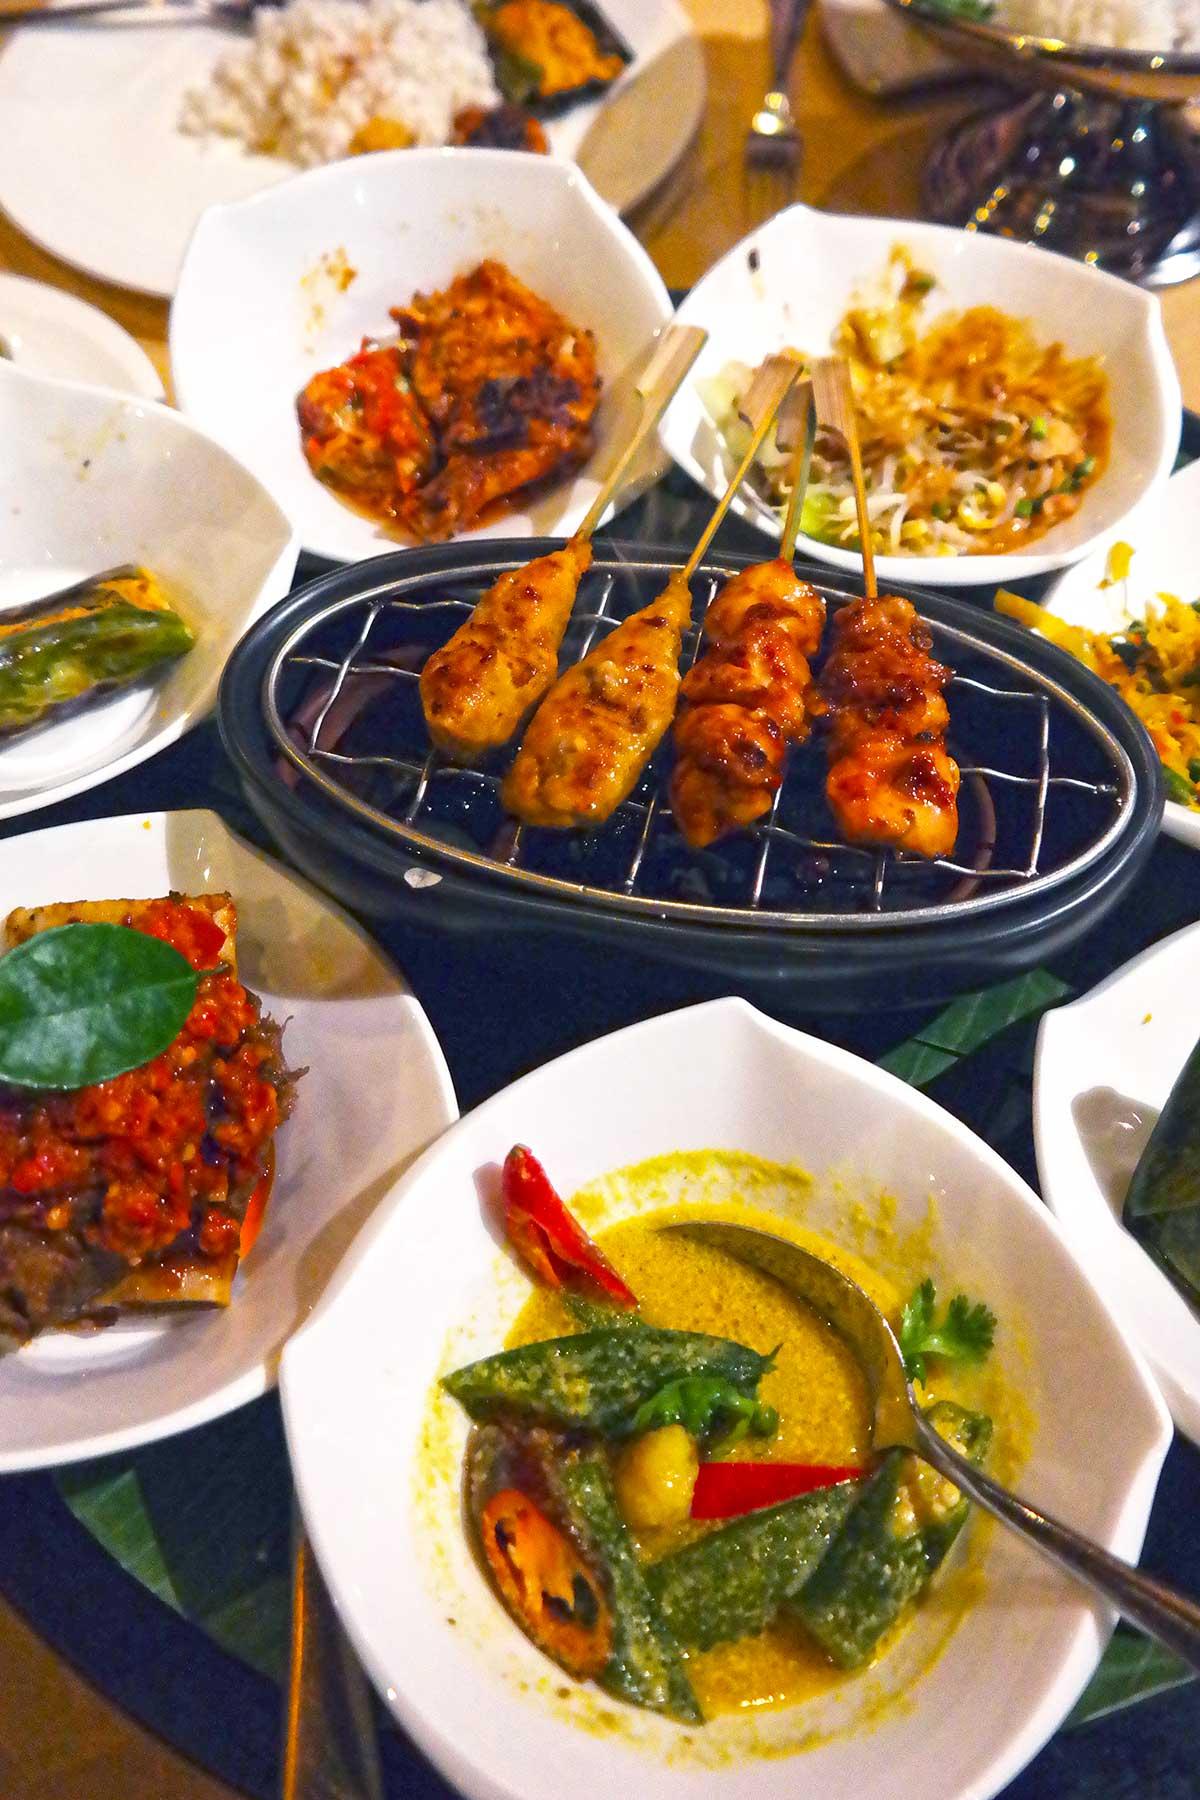 Dulang dining experience at St Regis Bali